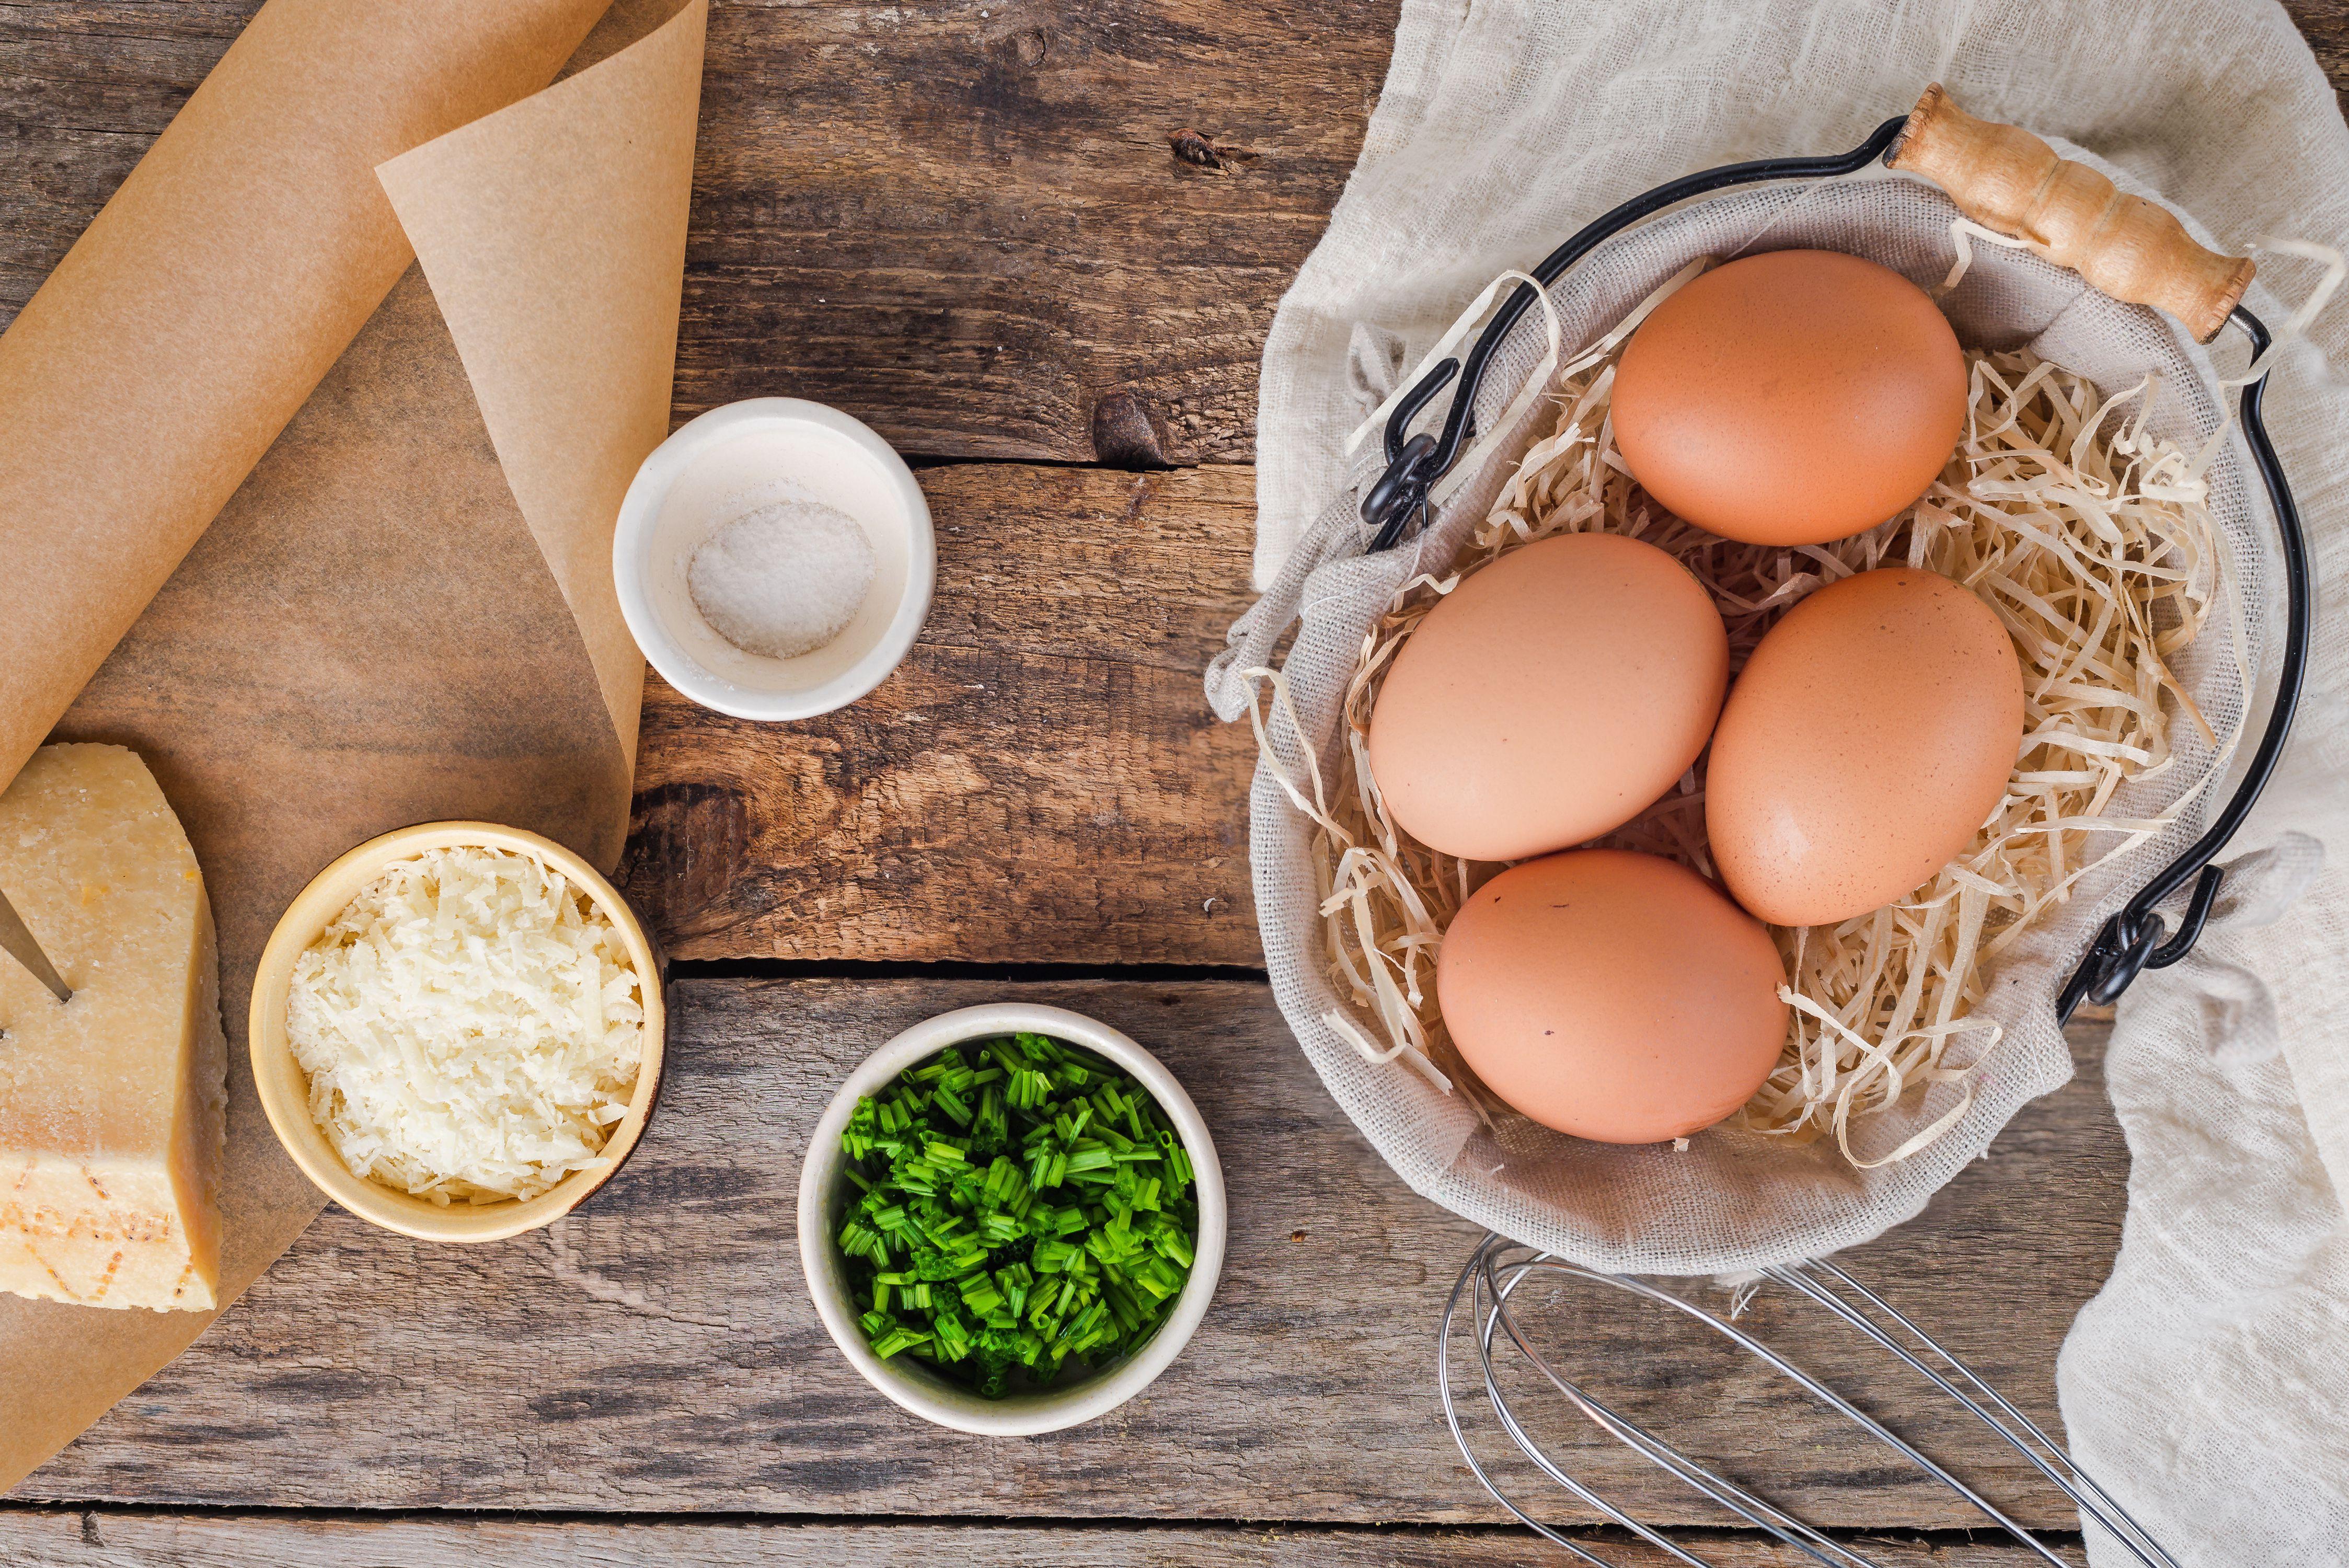 Ingredients for cloud eggs